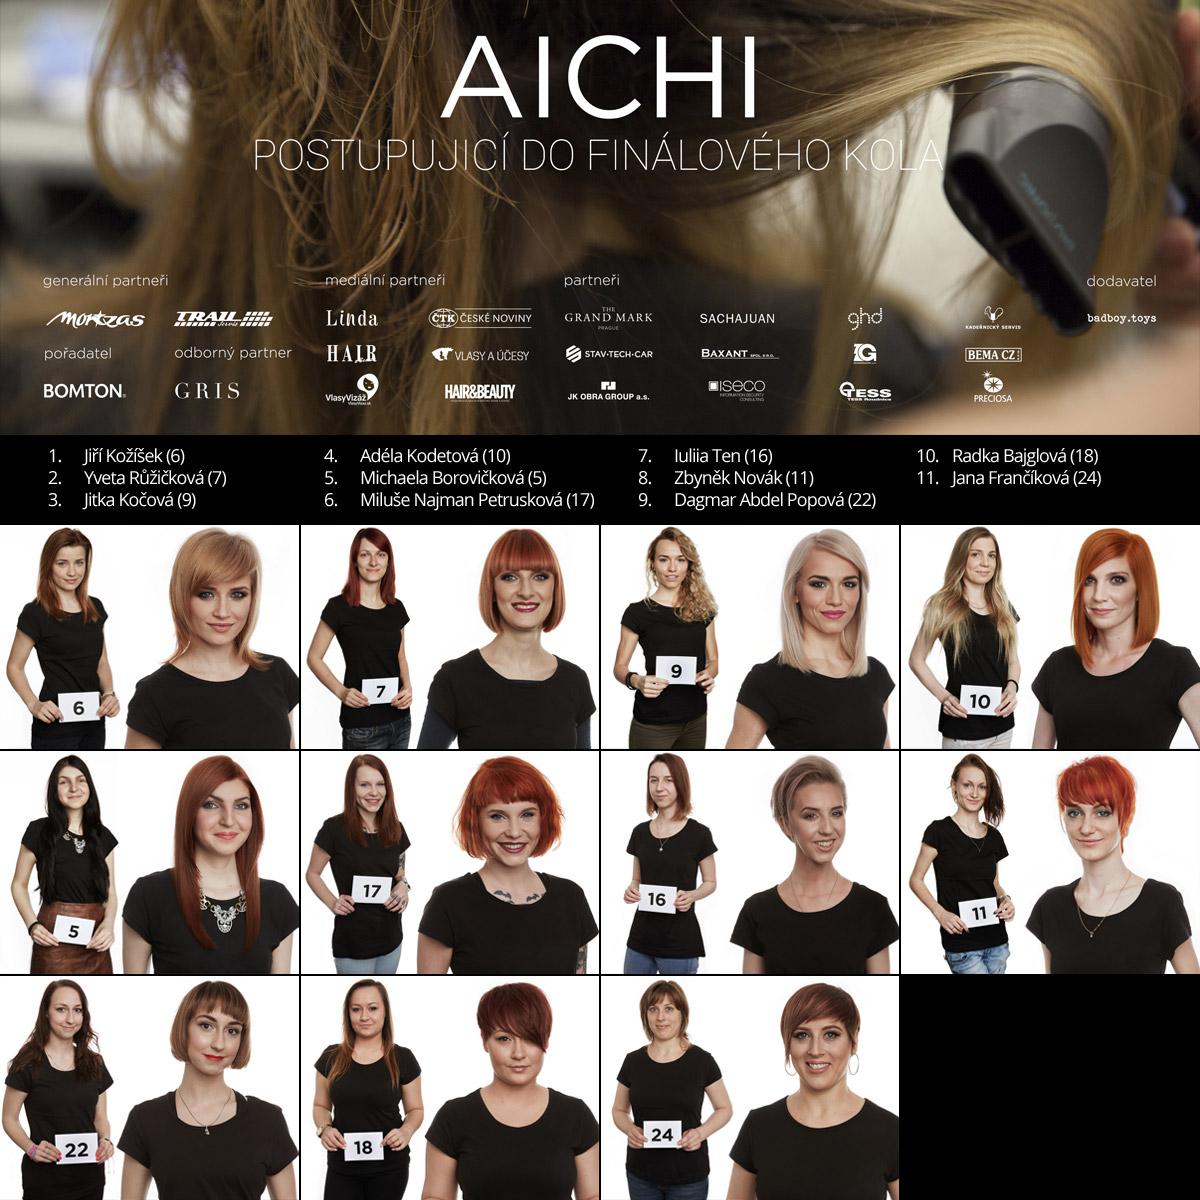 Finalisté AICHI 2016 – známe 11 postupujících do letošního finále AICHI 2016.